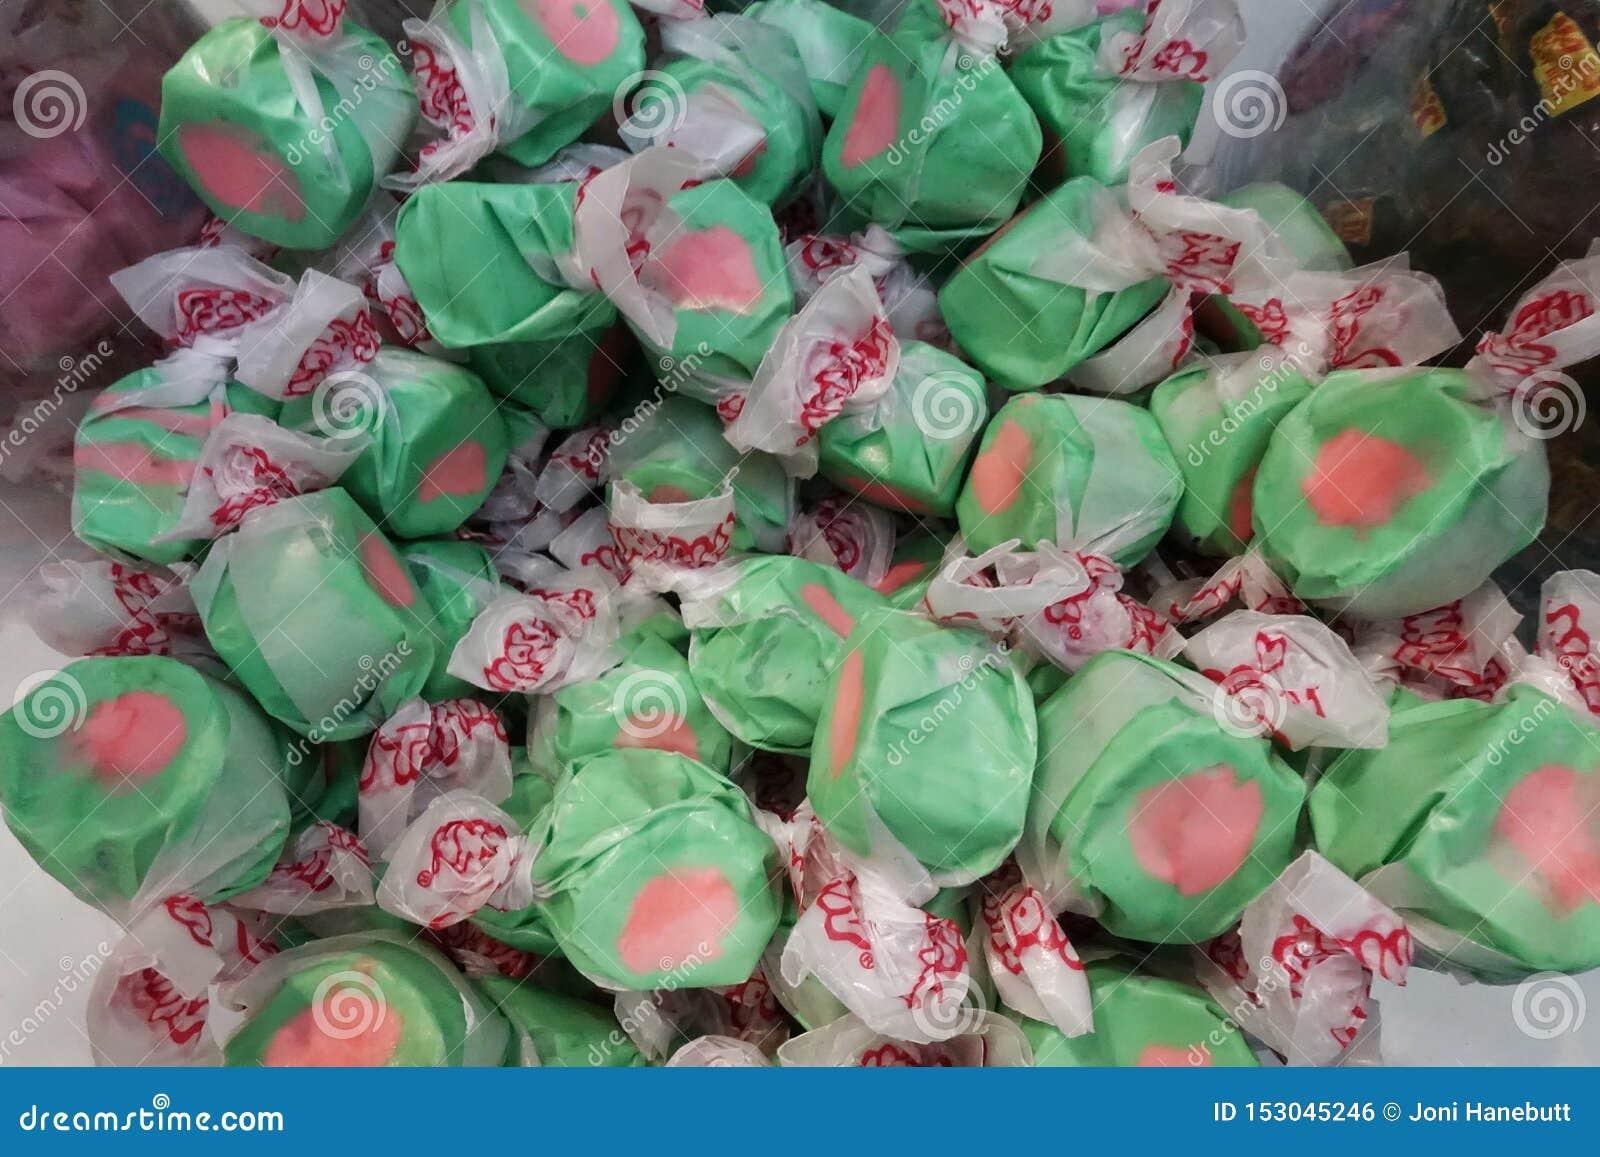 Groen en Roze suikergoed in een container